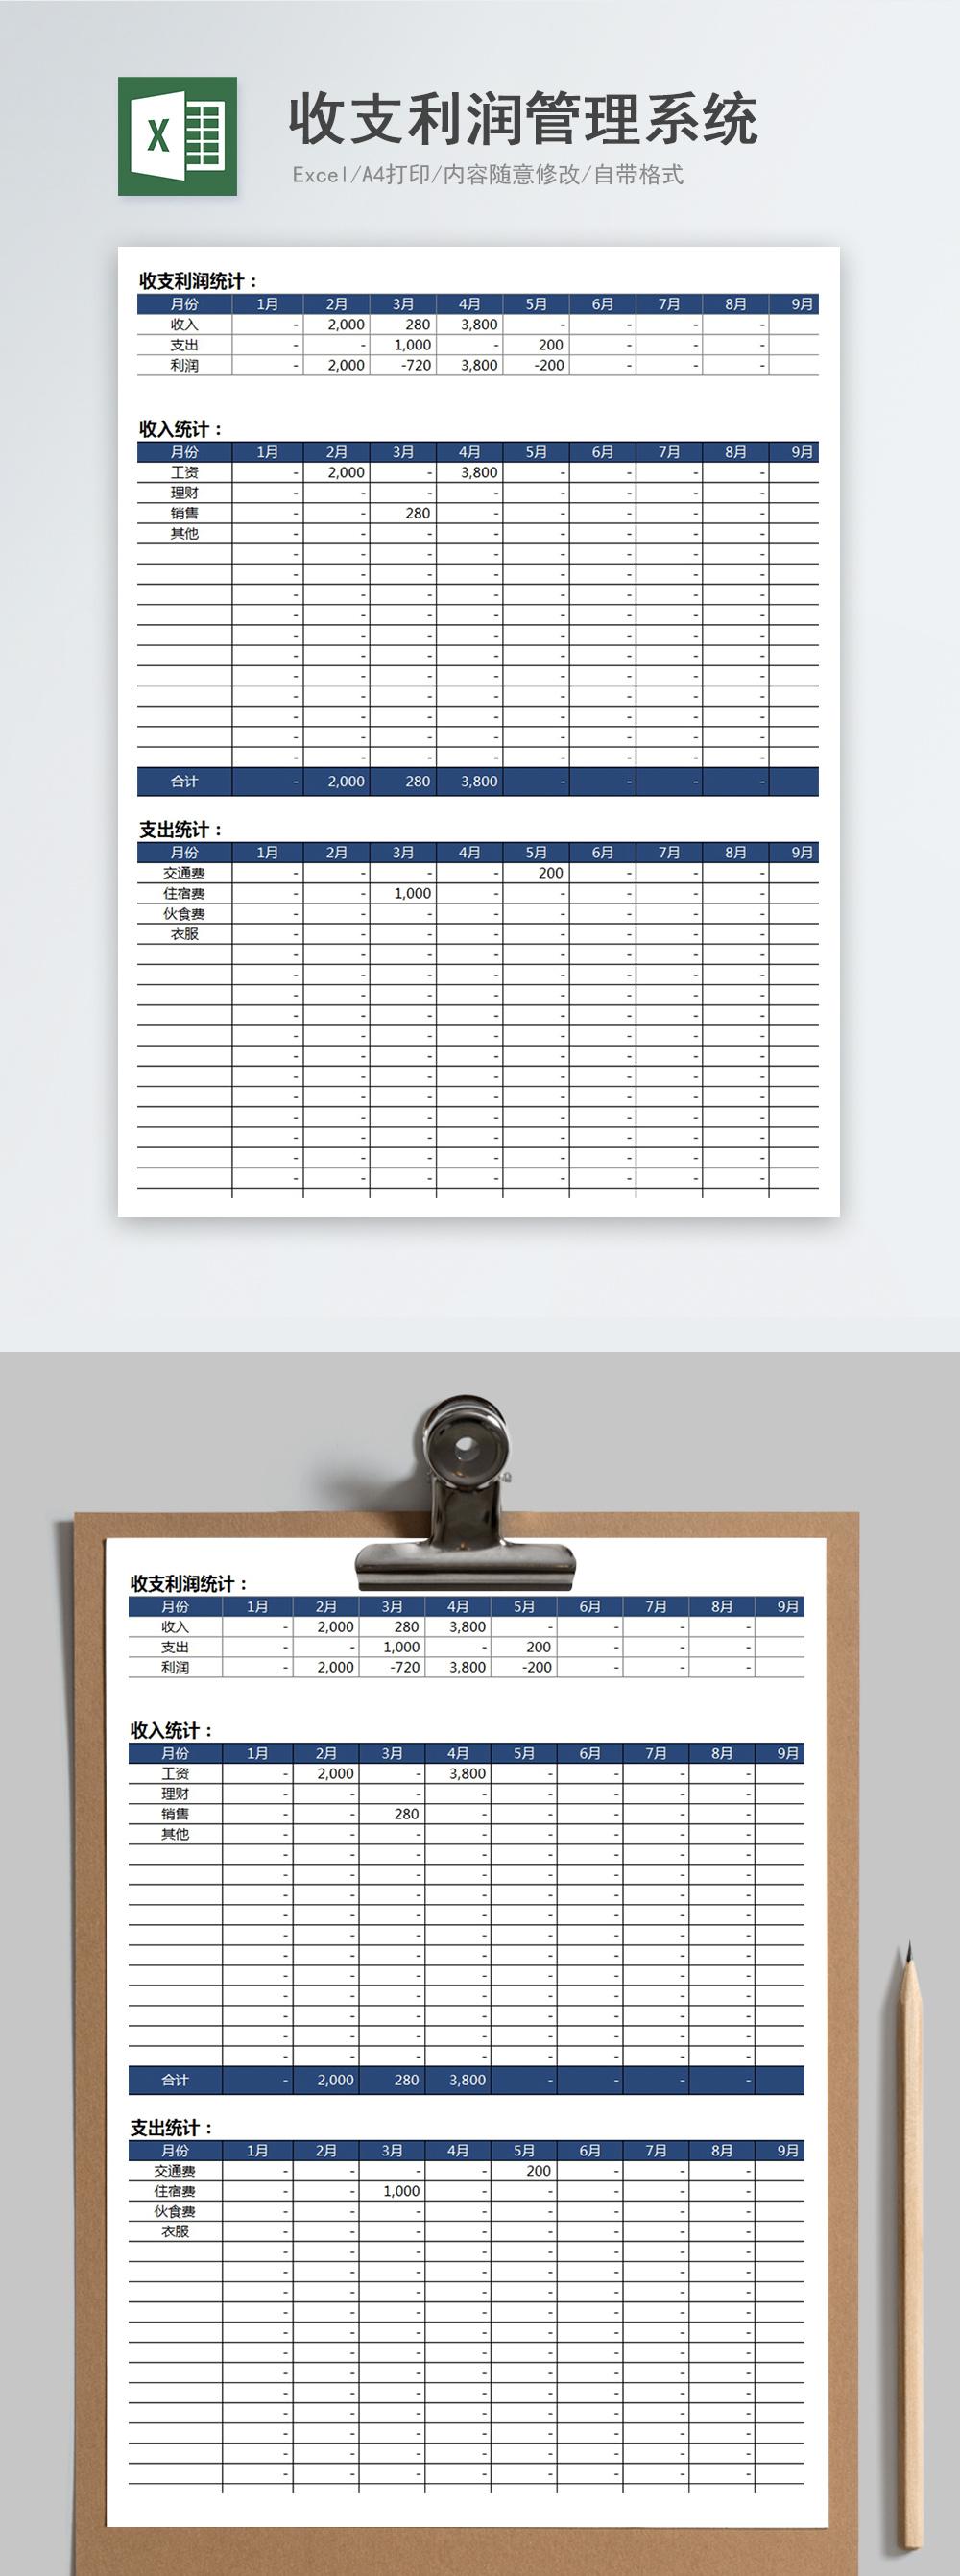 收支利润管理系统Excel模板图片